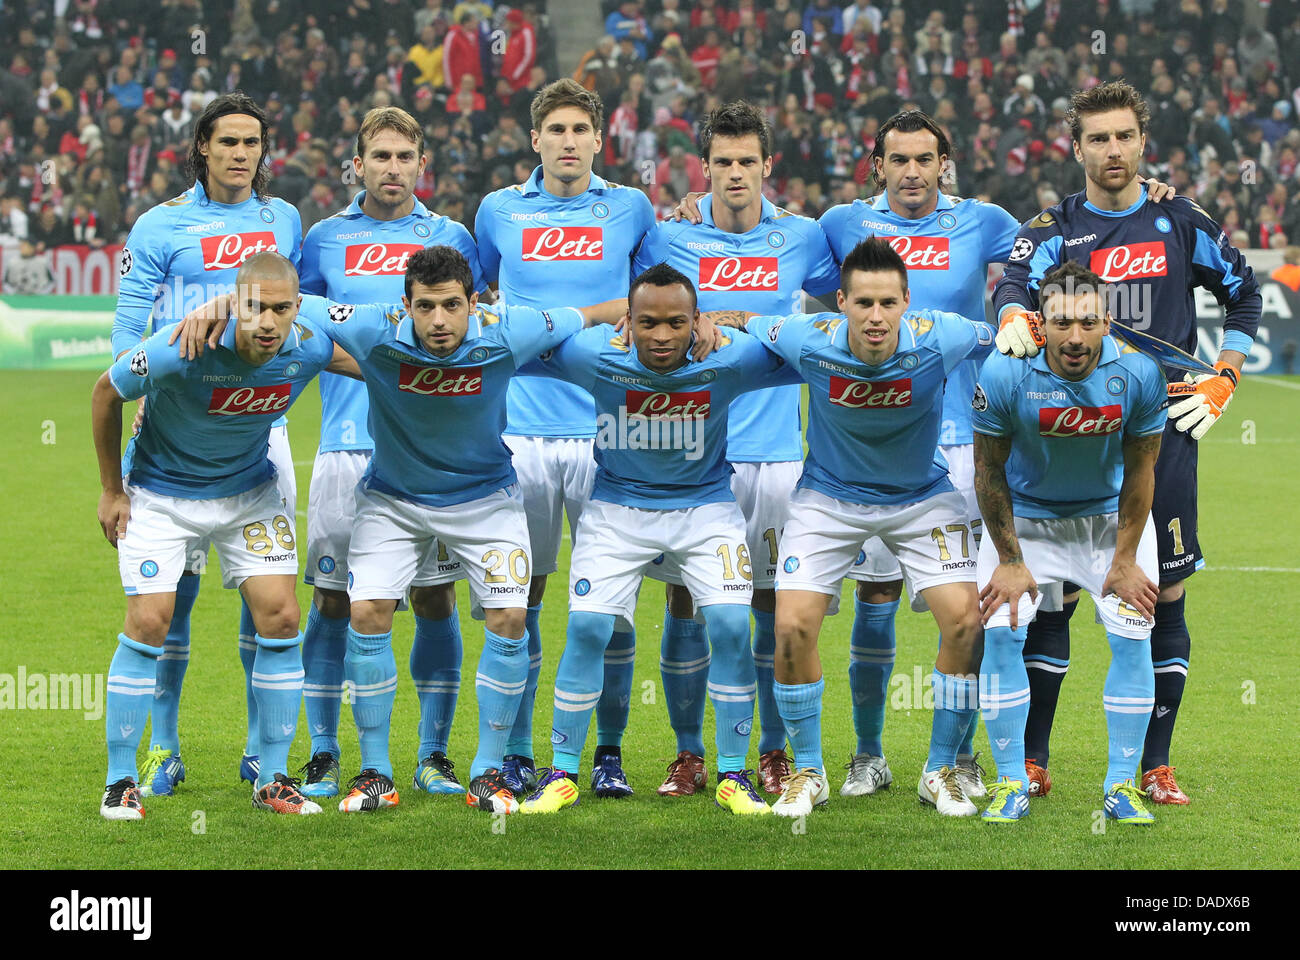 fbe880c9c241d Equipo de Napoli antes de la liguilla de la Liga de Campeones de un partido  de fútbol entre el FC Bayern de Múnich y el SSC Napoli en el Arena de Munich